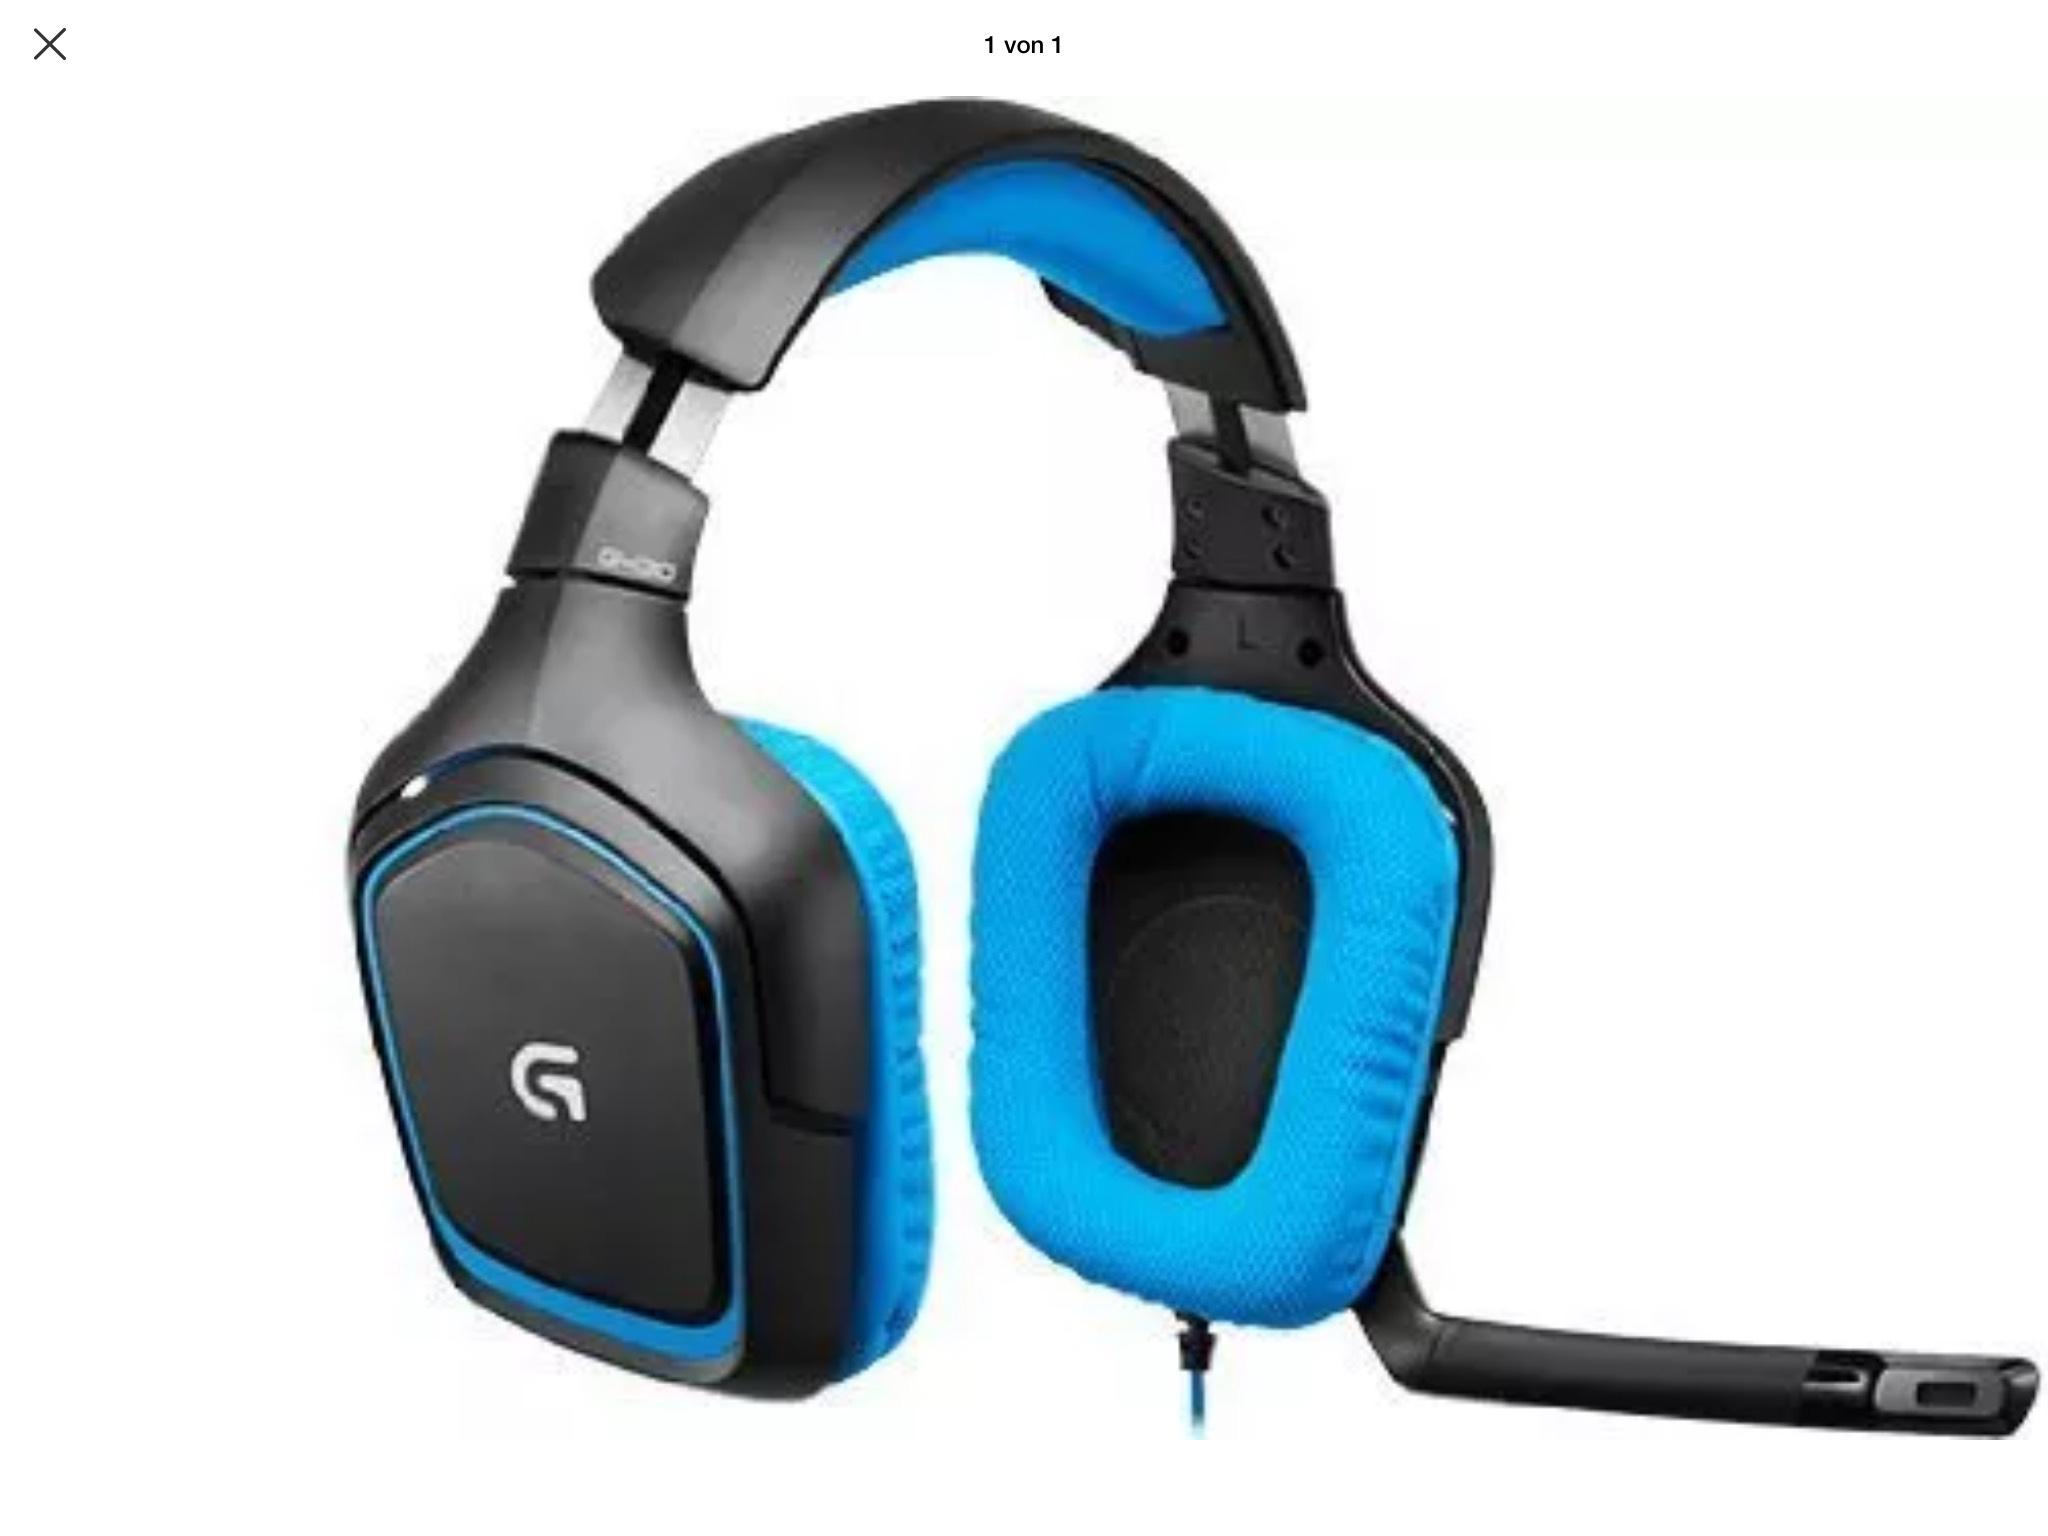 Gaming Headset Logitech G430 als B-Ware